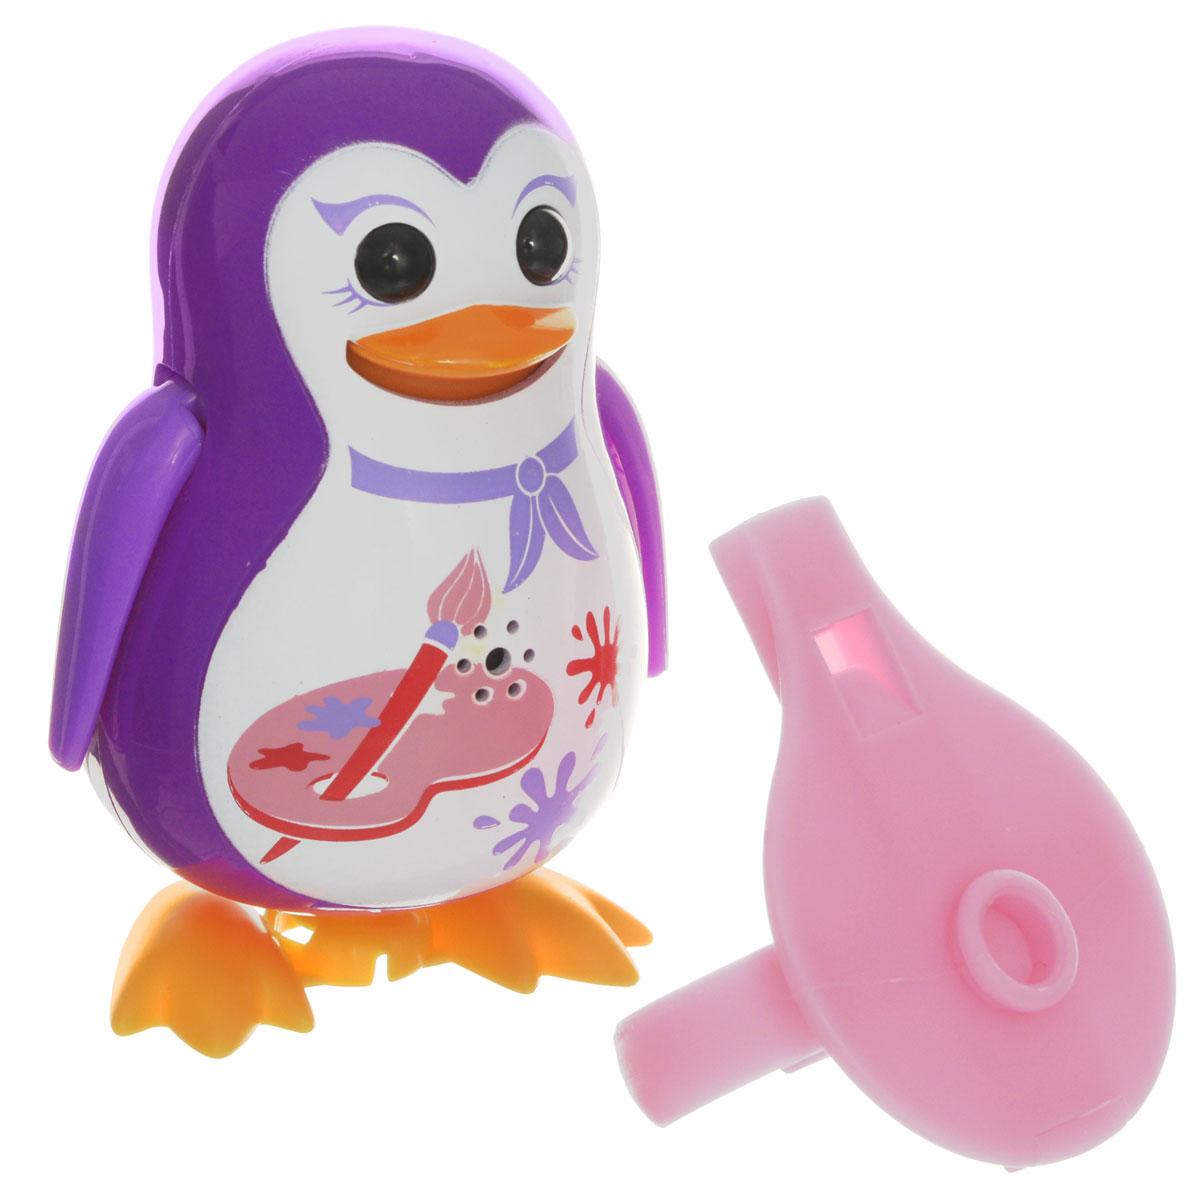 DigiFriends Интерактивная игрушка Пингвин Художник с кольцом digifriends интерактивная игрушка пингвин с кольцом цвет малиновый